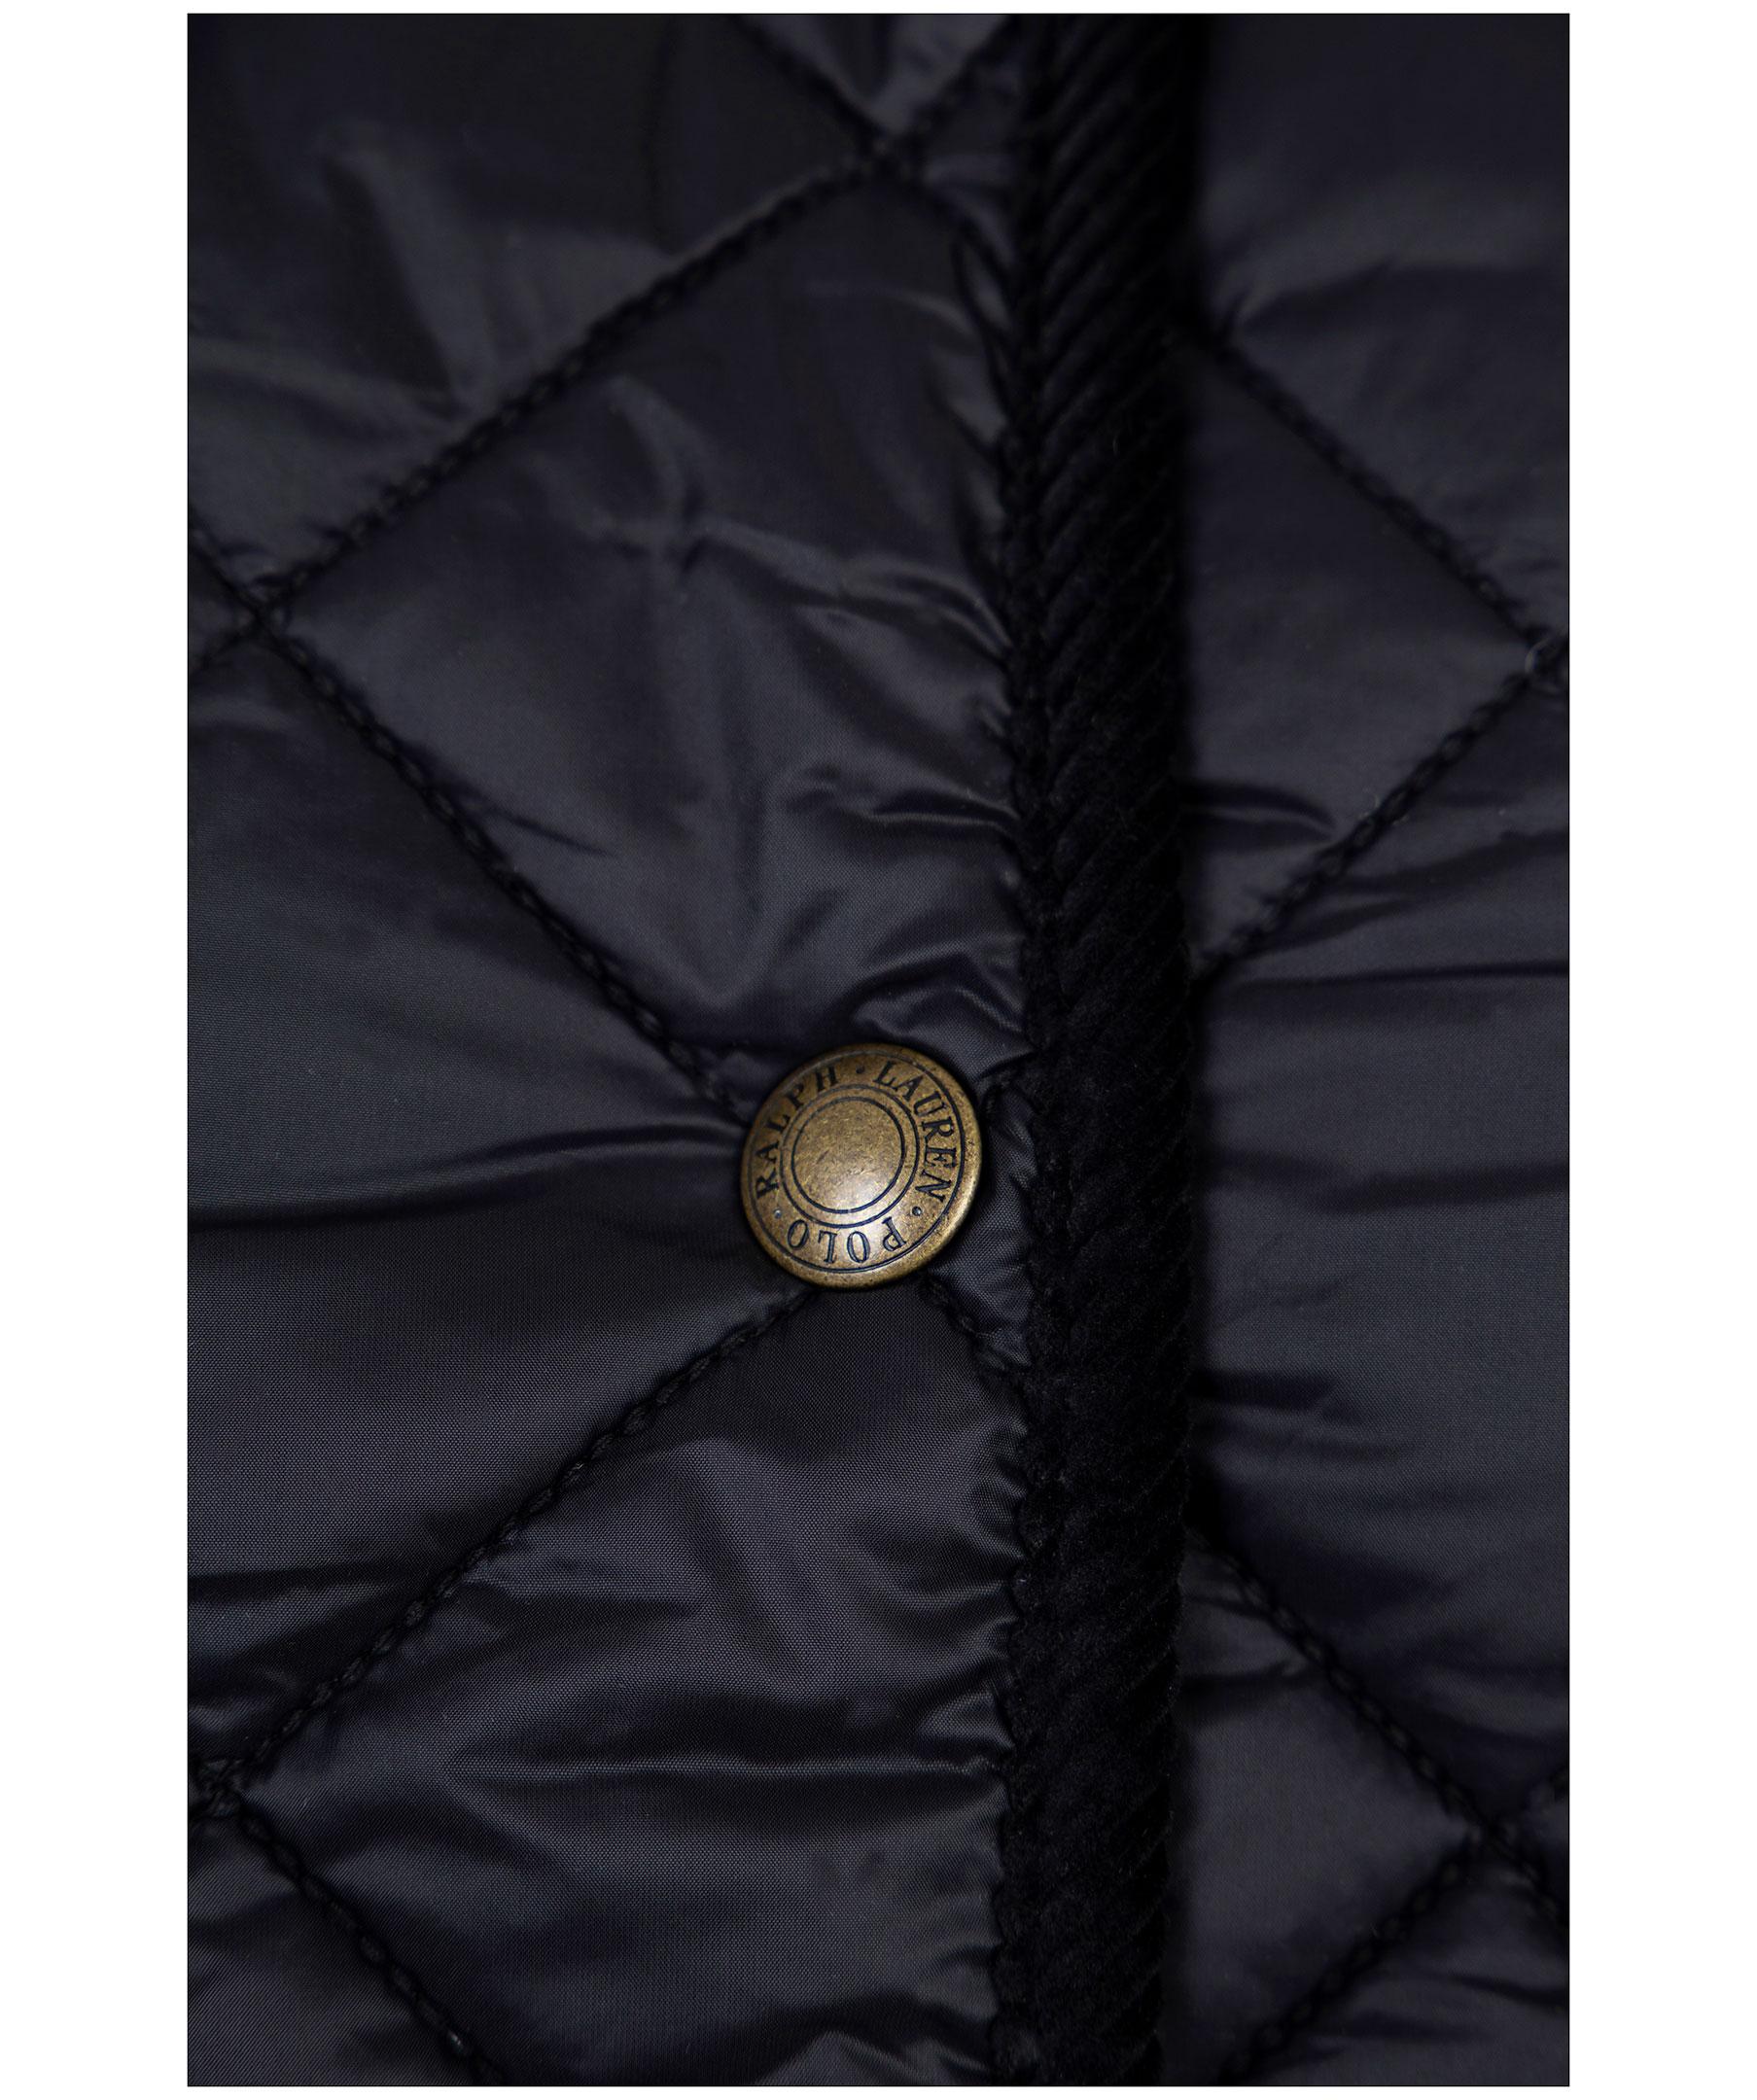 eb8a6803329 Trendiga jackor för kvinnor | Johnells